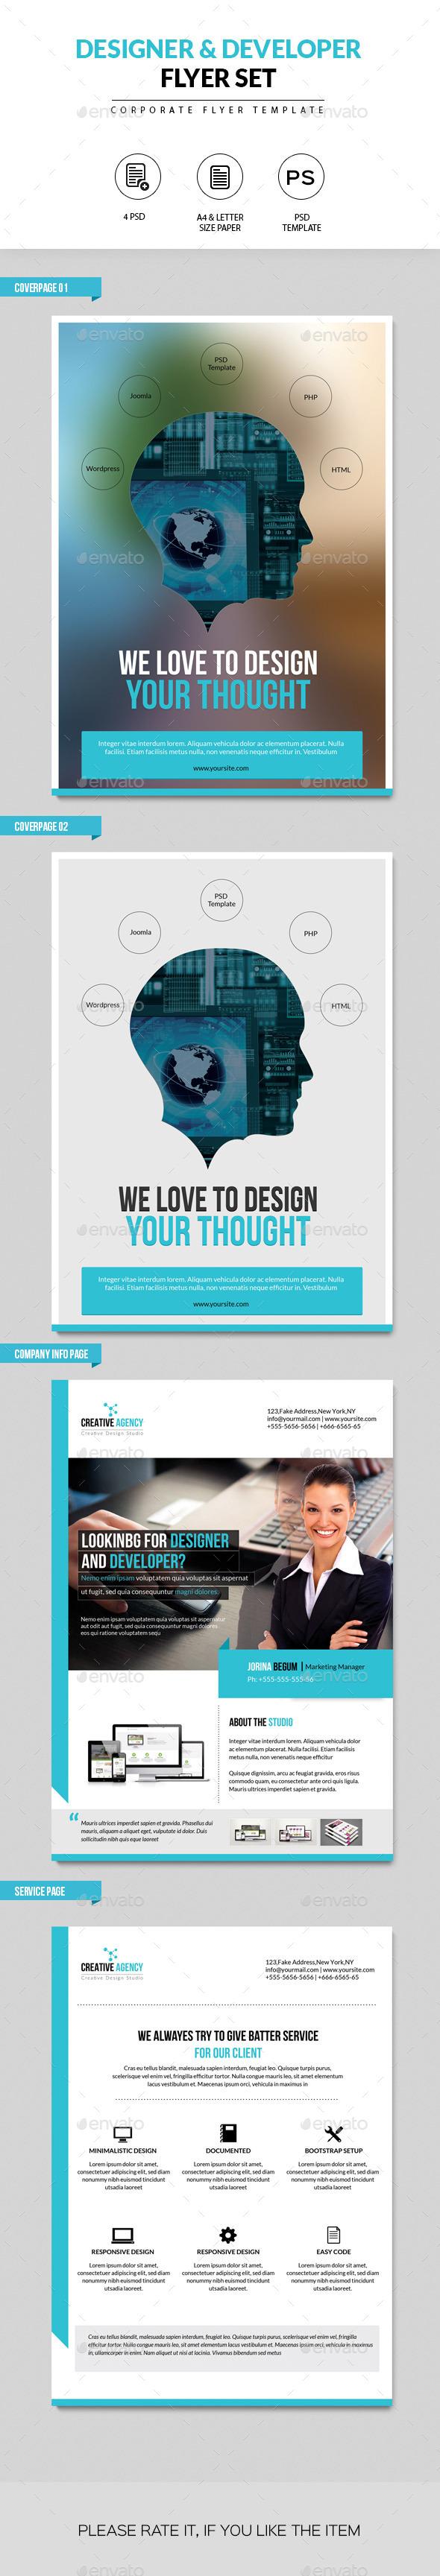 GraphicRiver Flyer Set for Designer and Developer 10190802